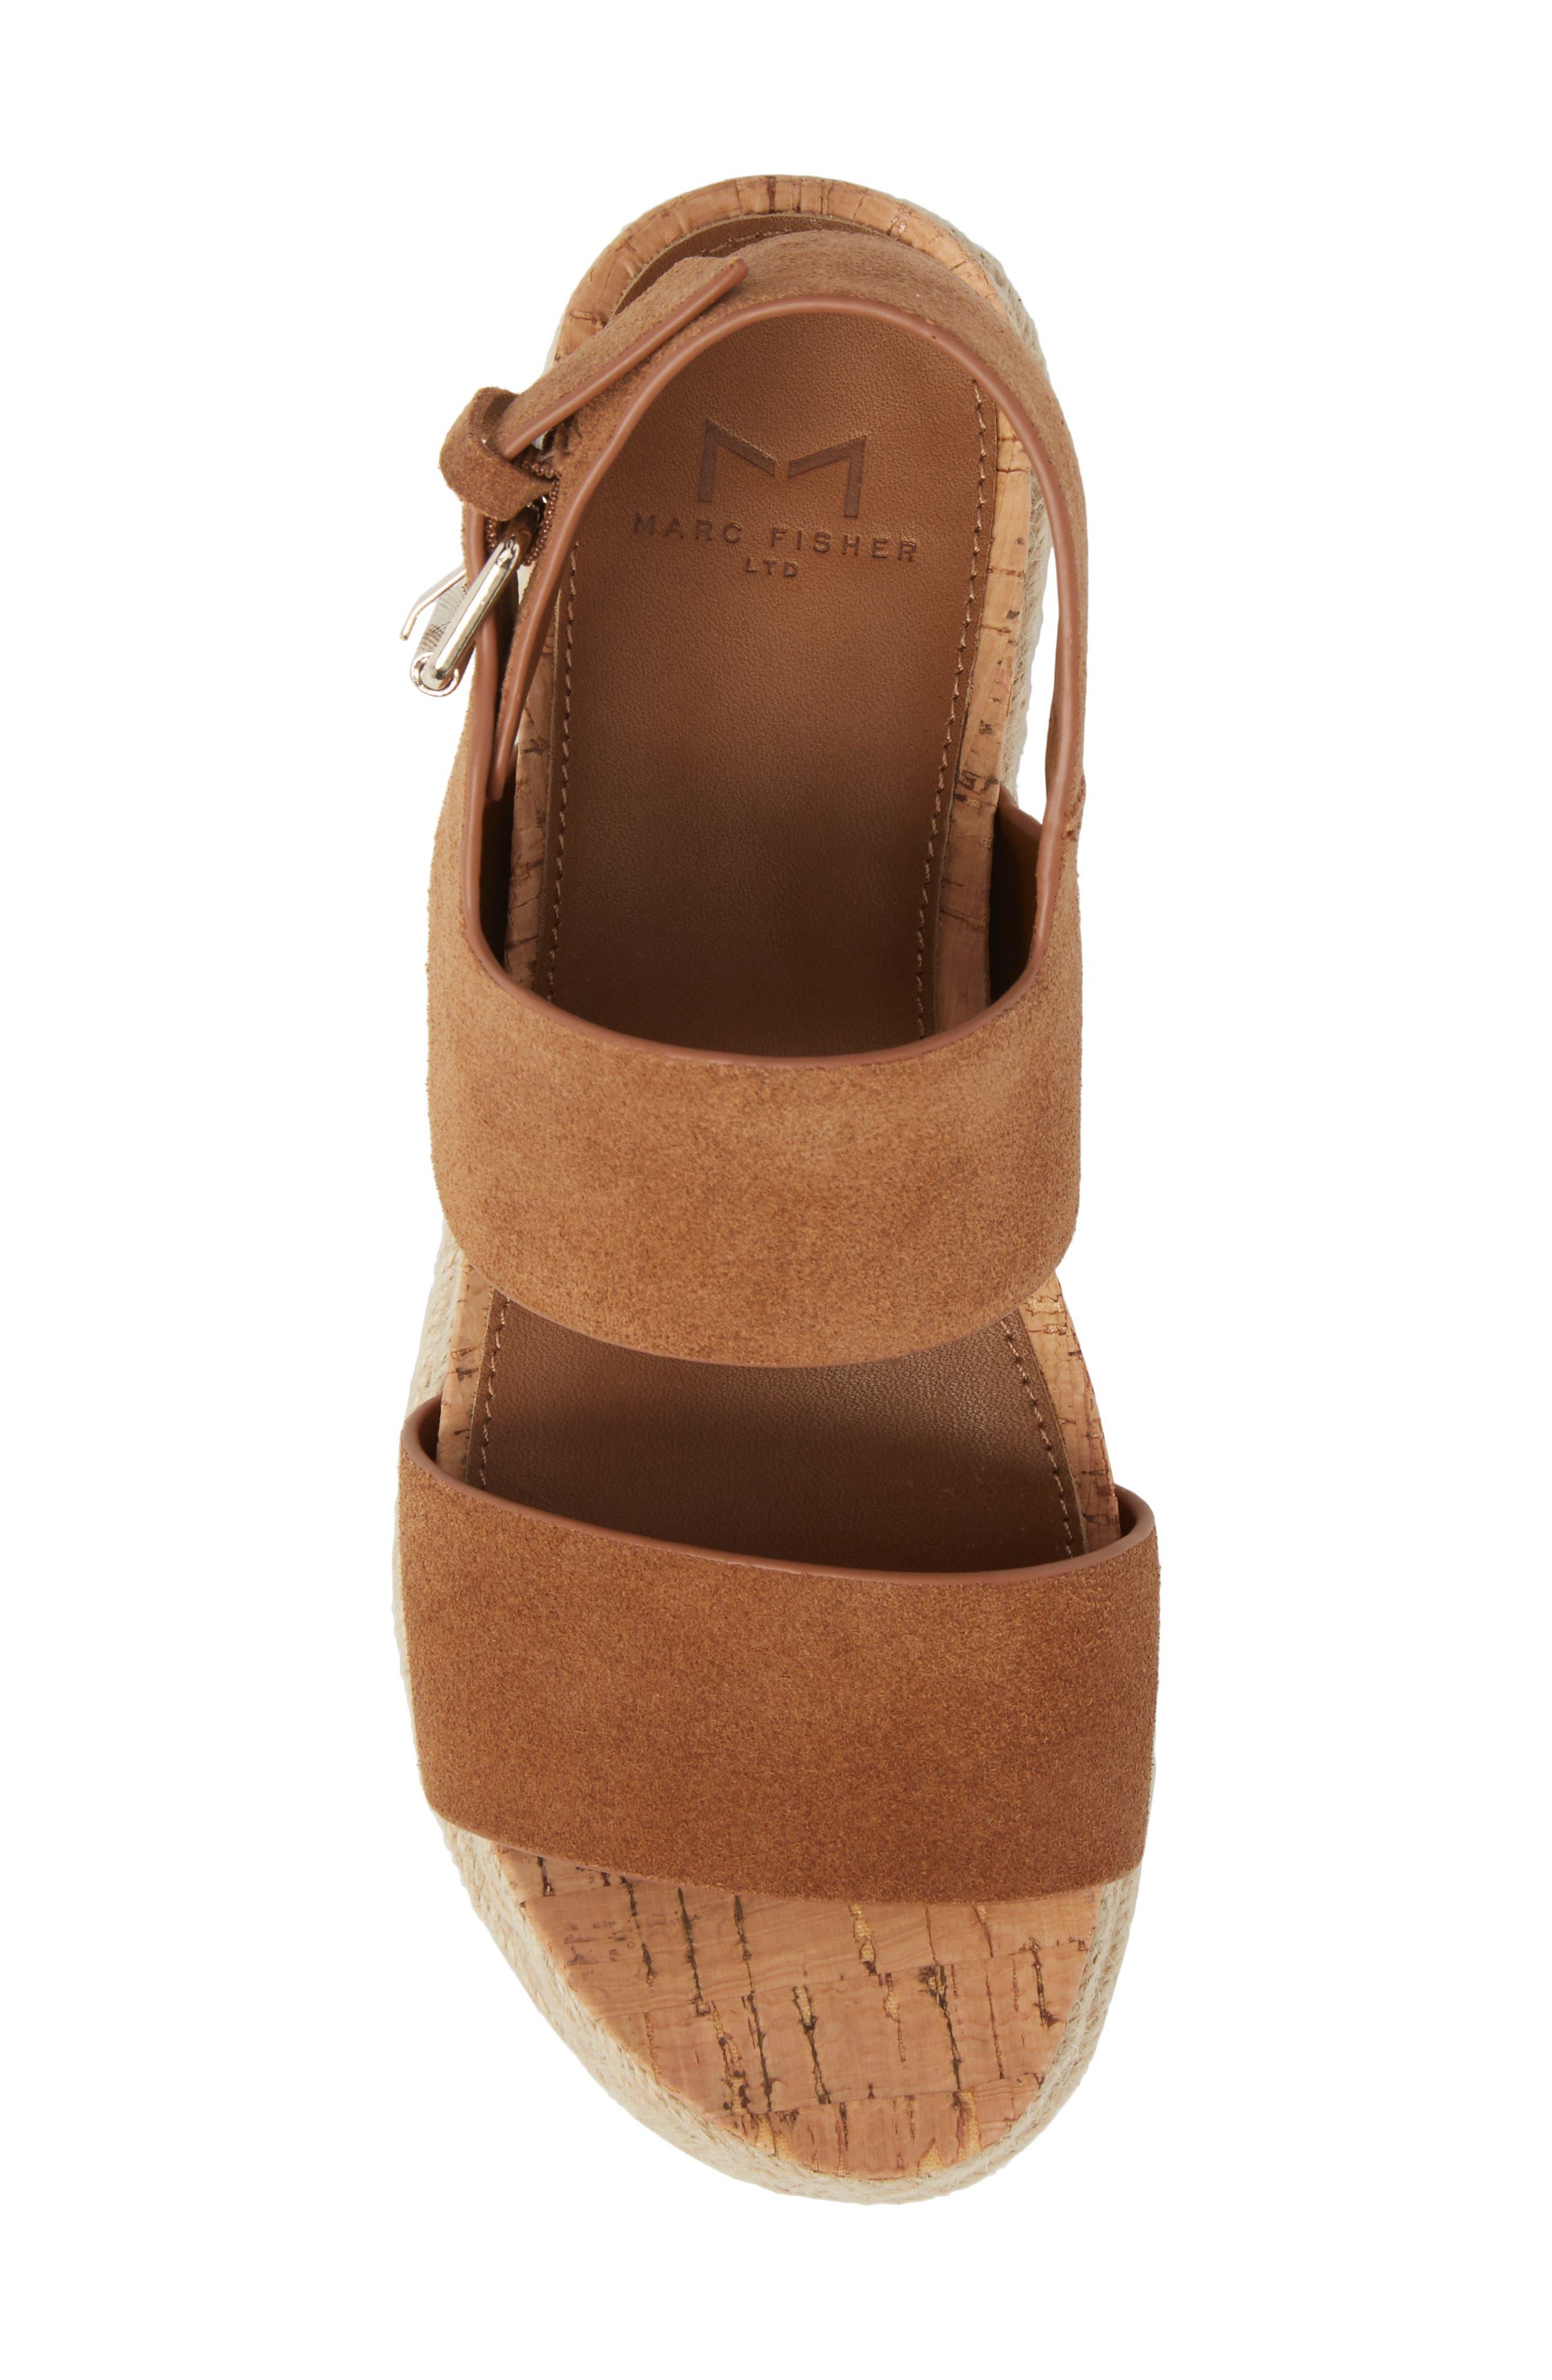 Oria Espadrille Platform Sandal,                             Alternate thumbnail 5, color,                             COGNAC SUEDE